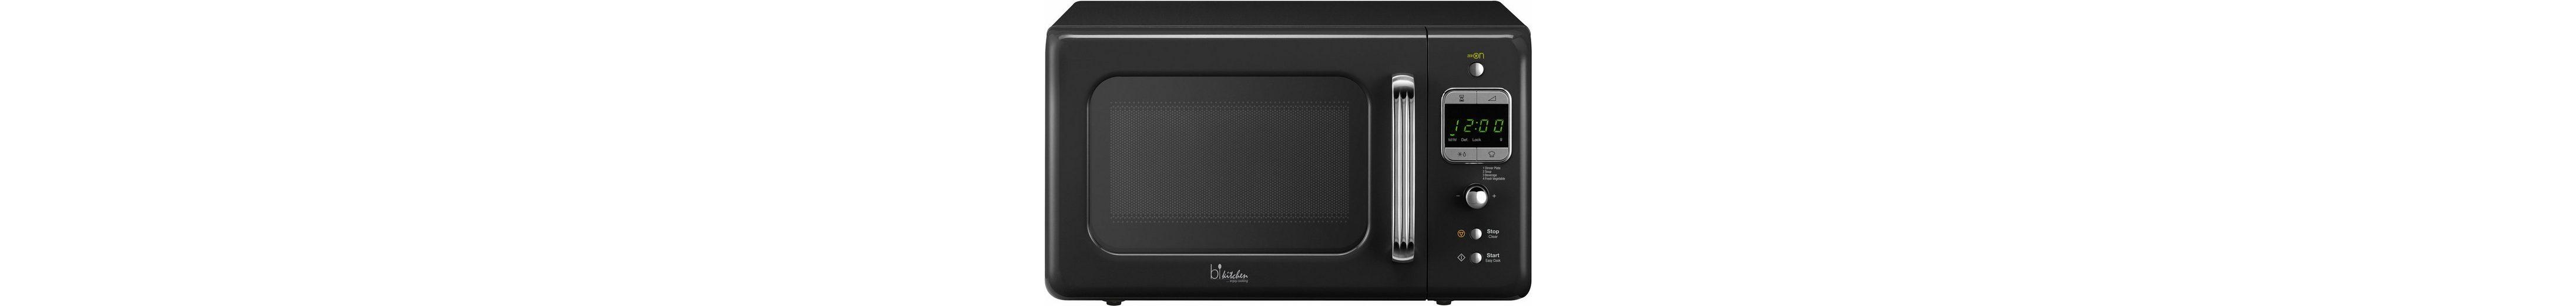 bkitchen Design Mikrowelle Cook 800, 20 Liter Garraum, 800 Watt, schwarz